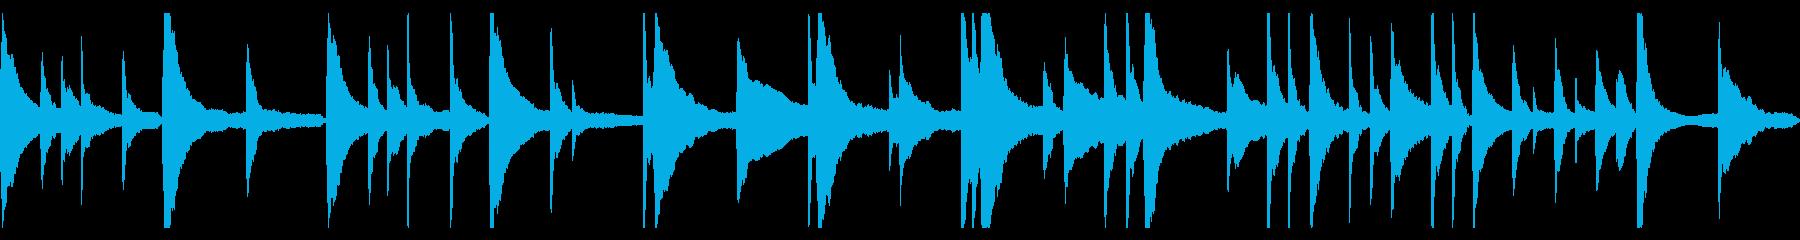 切ないピアノソロBGMの再生済みの波形